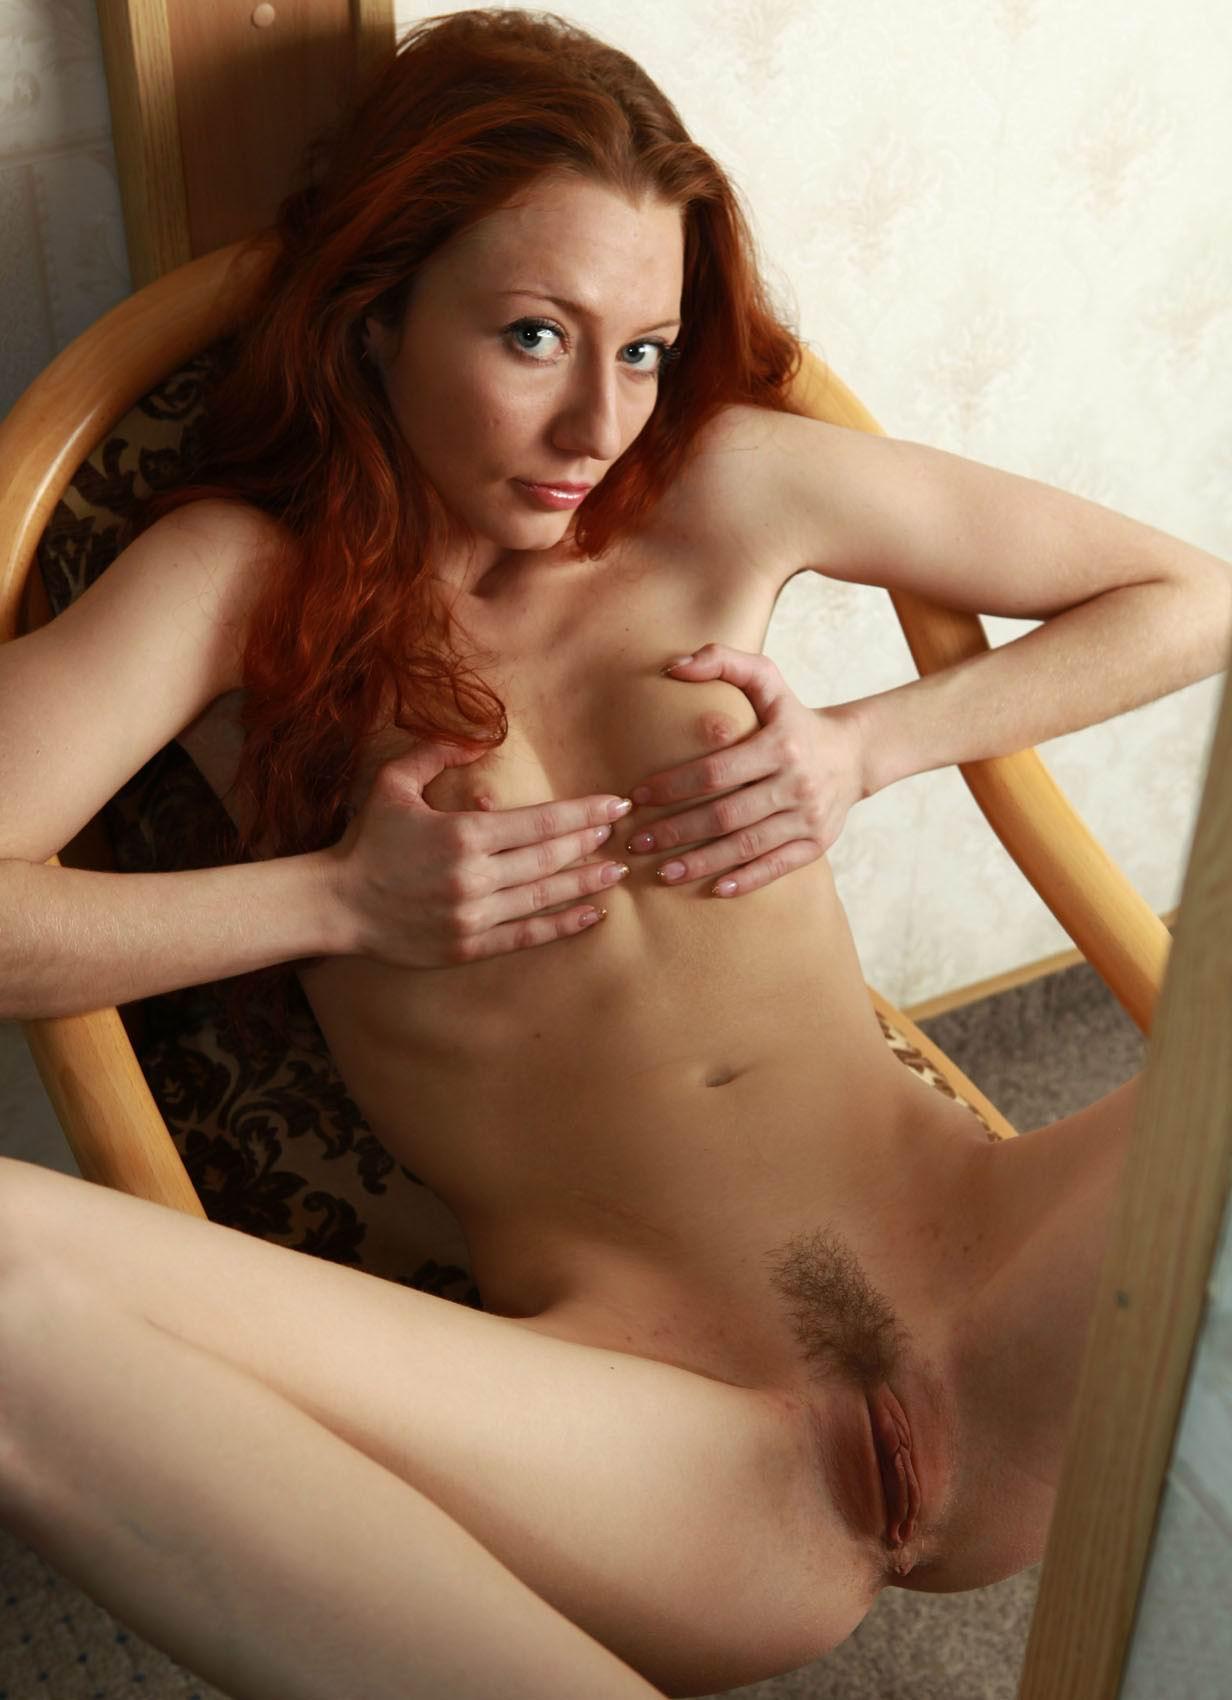 Skinny redhead porn